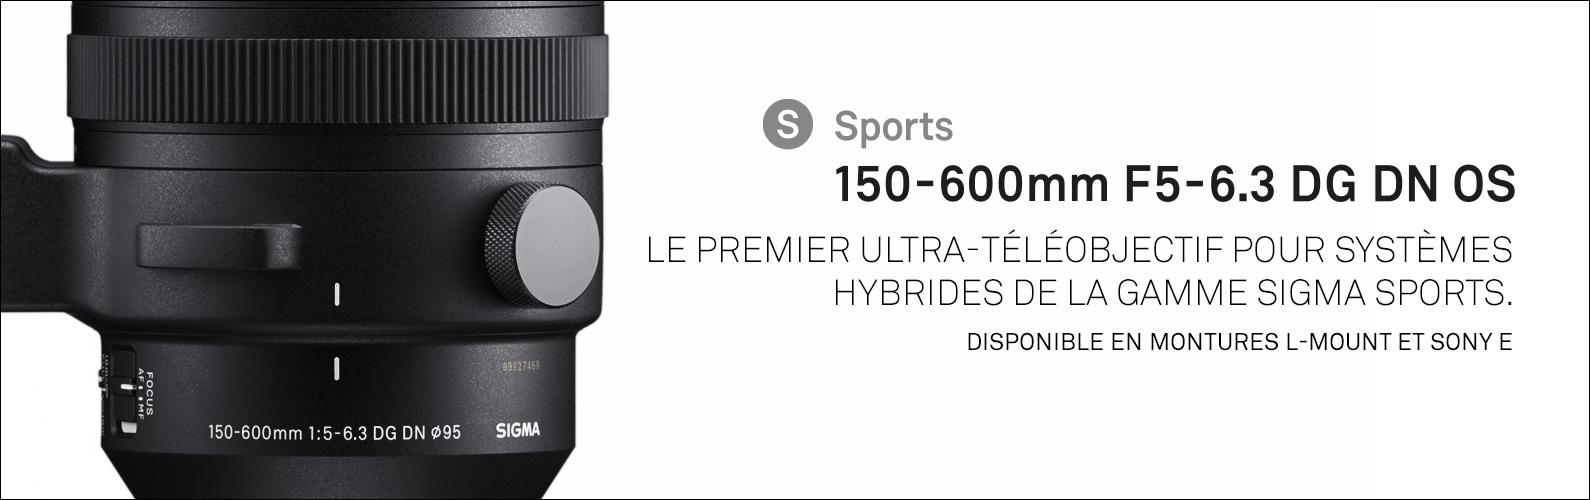 150-600mm F5-6.3 DG DN OS | Sports